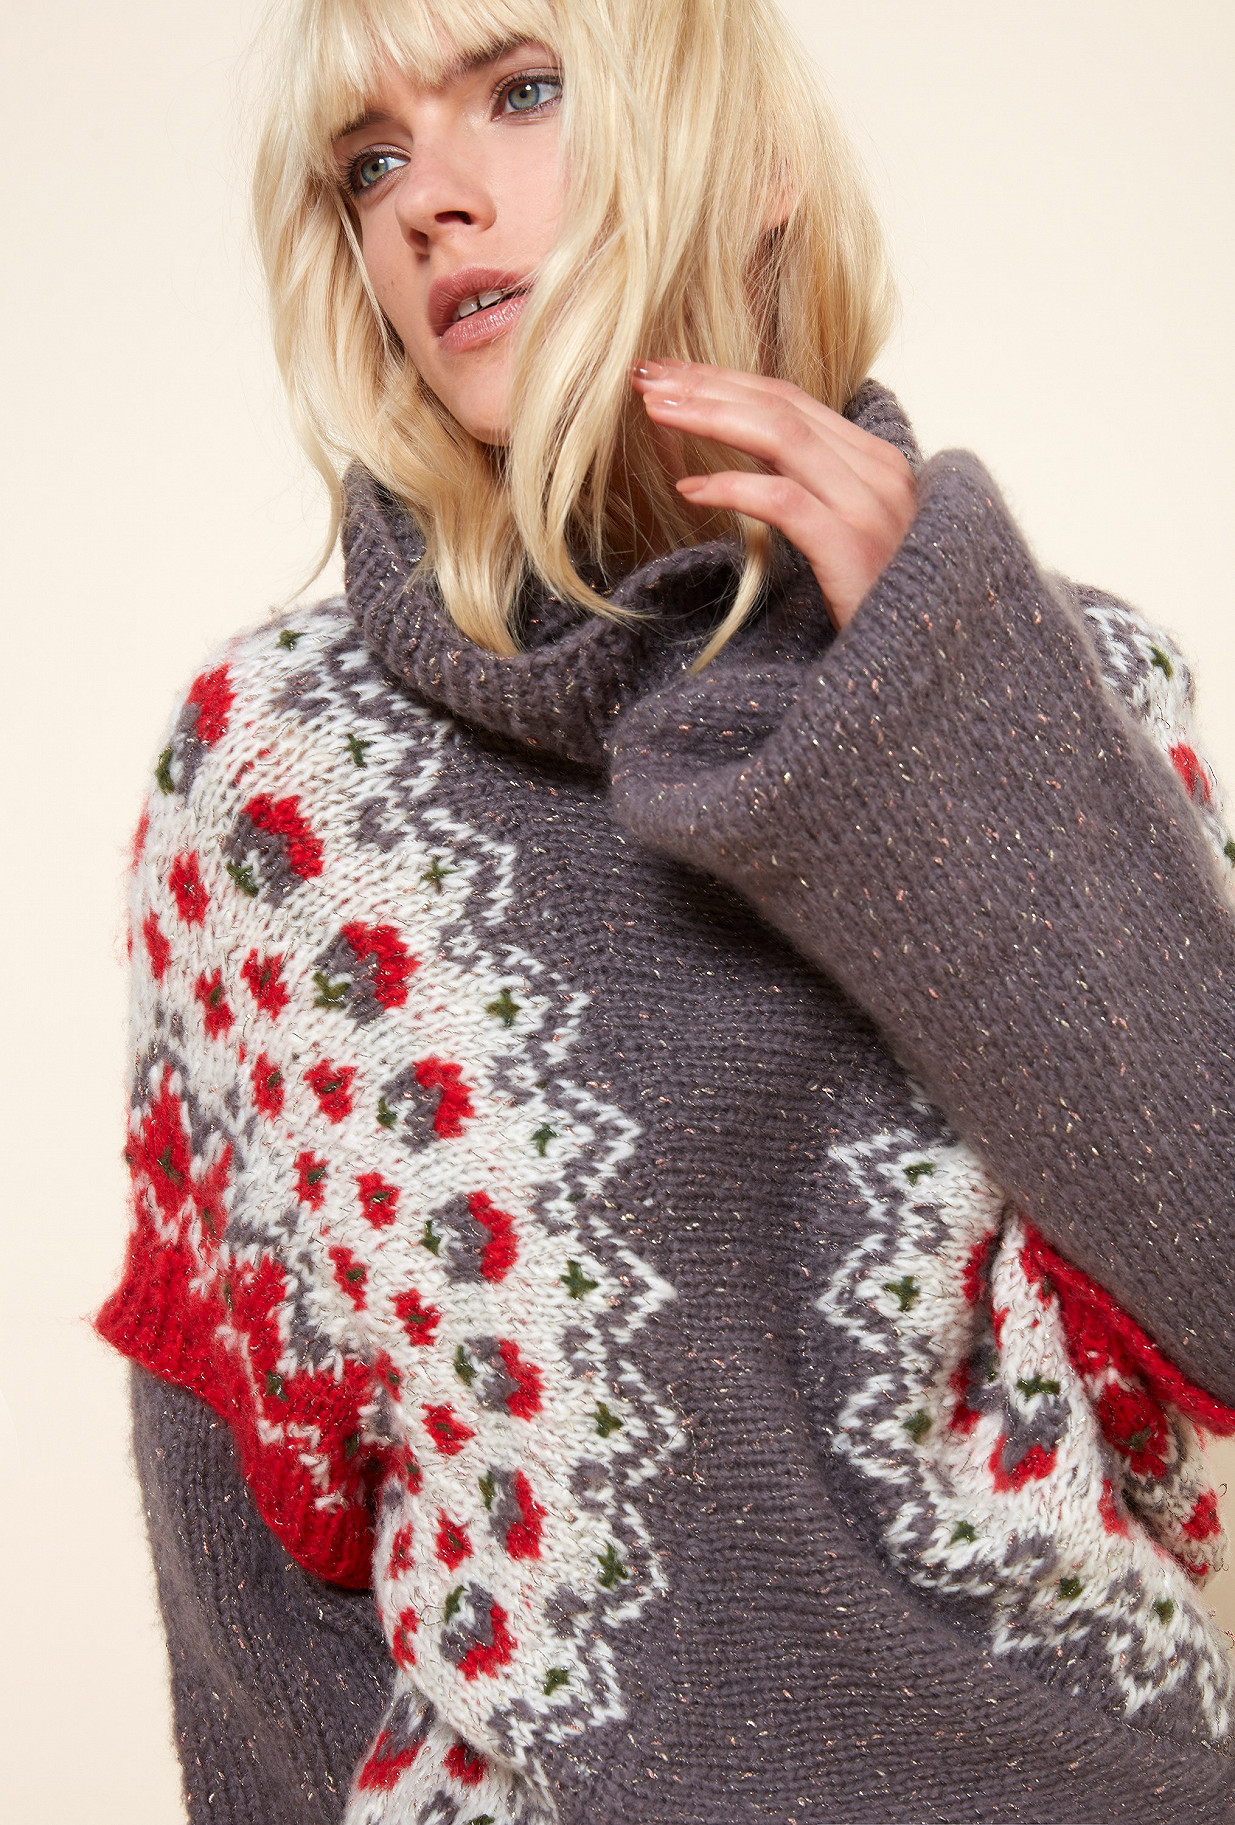 Paris boutique de mode vêtement Maille créateur bohème  Charlotte